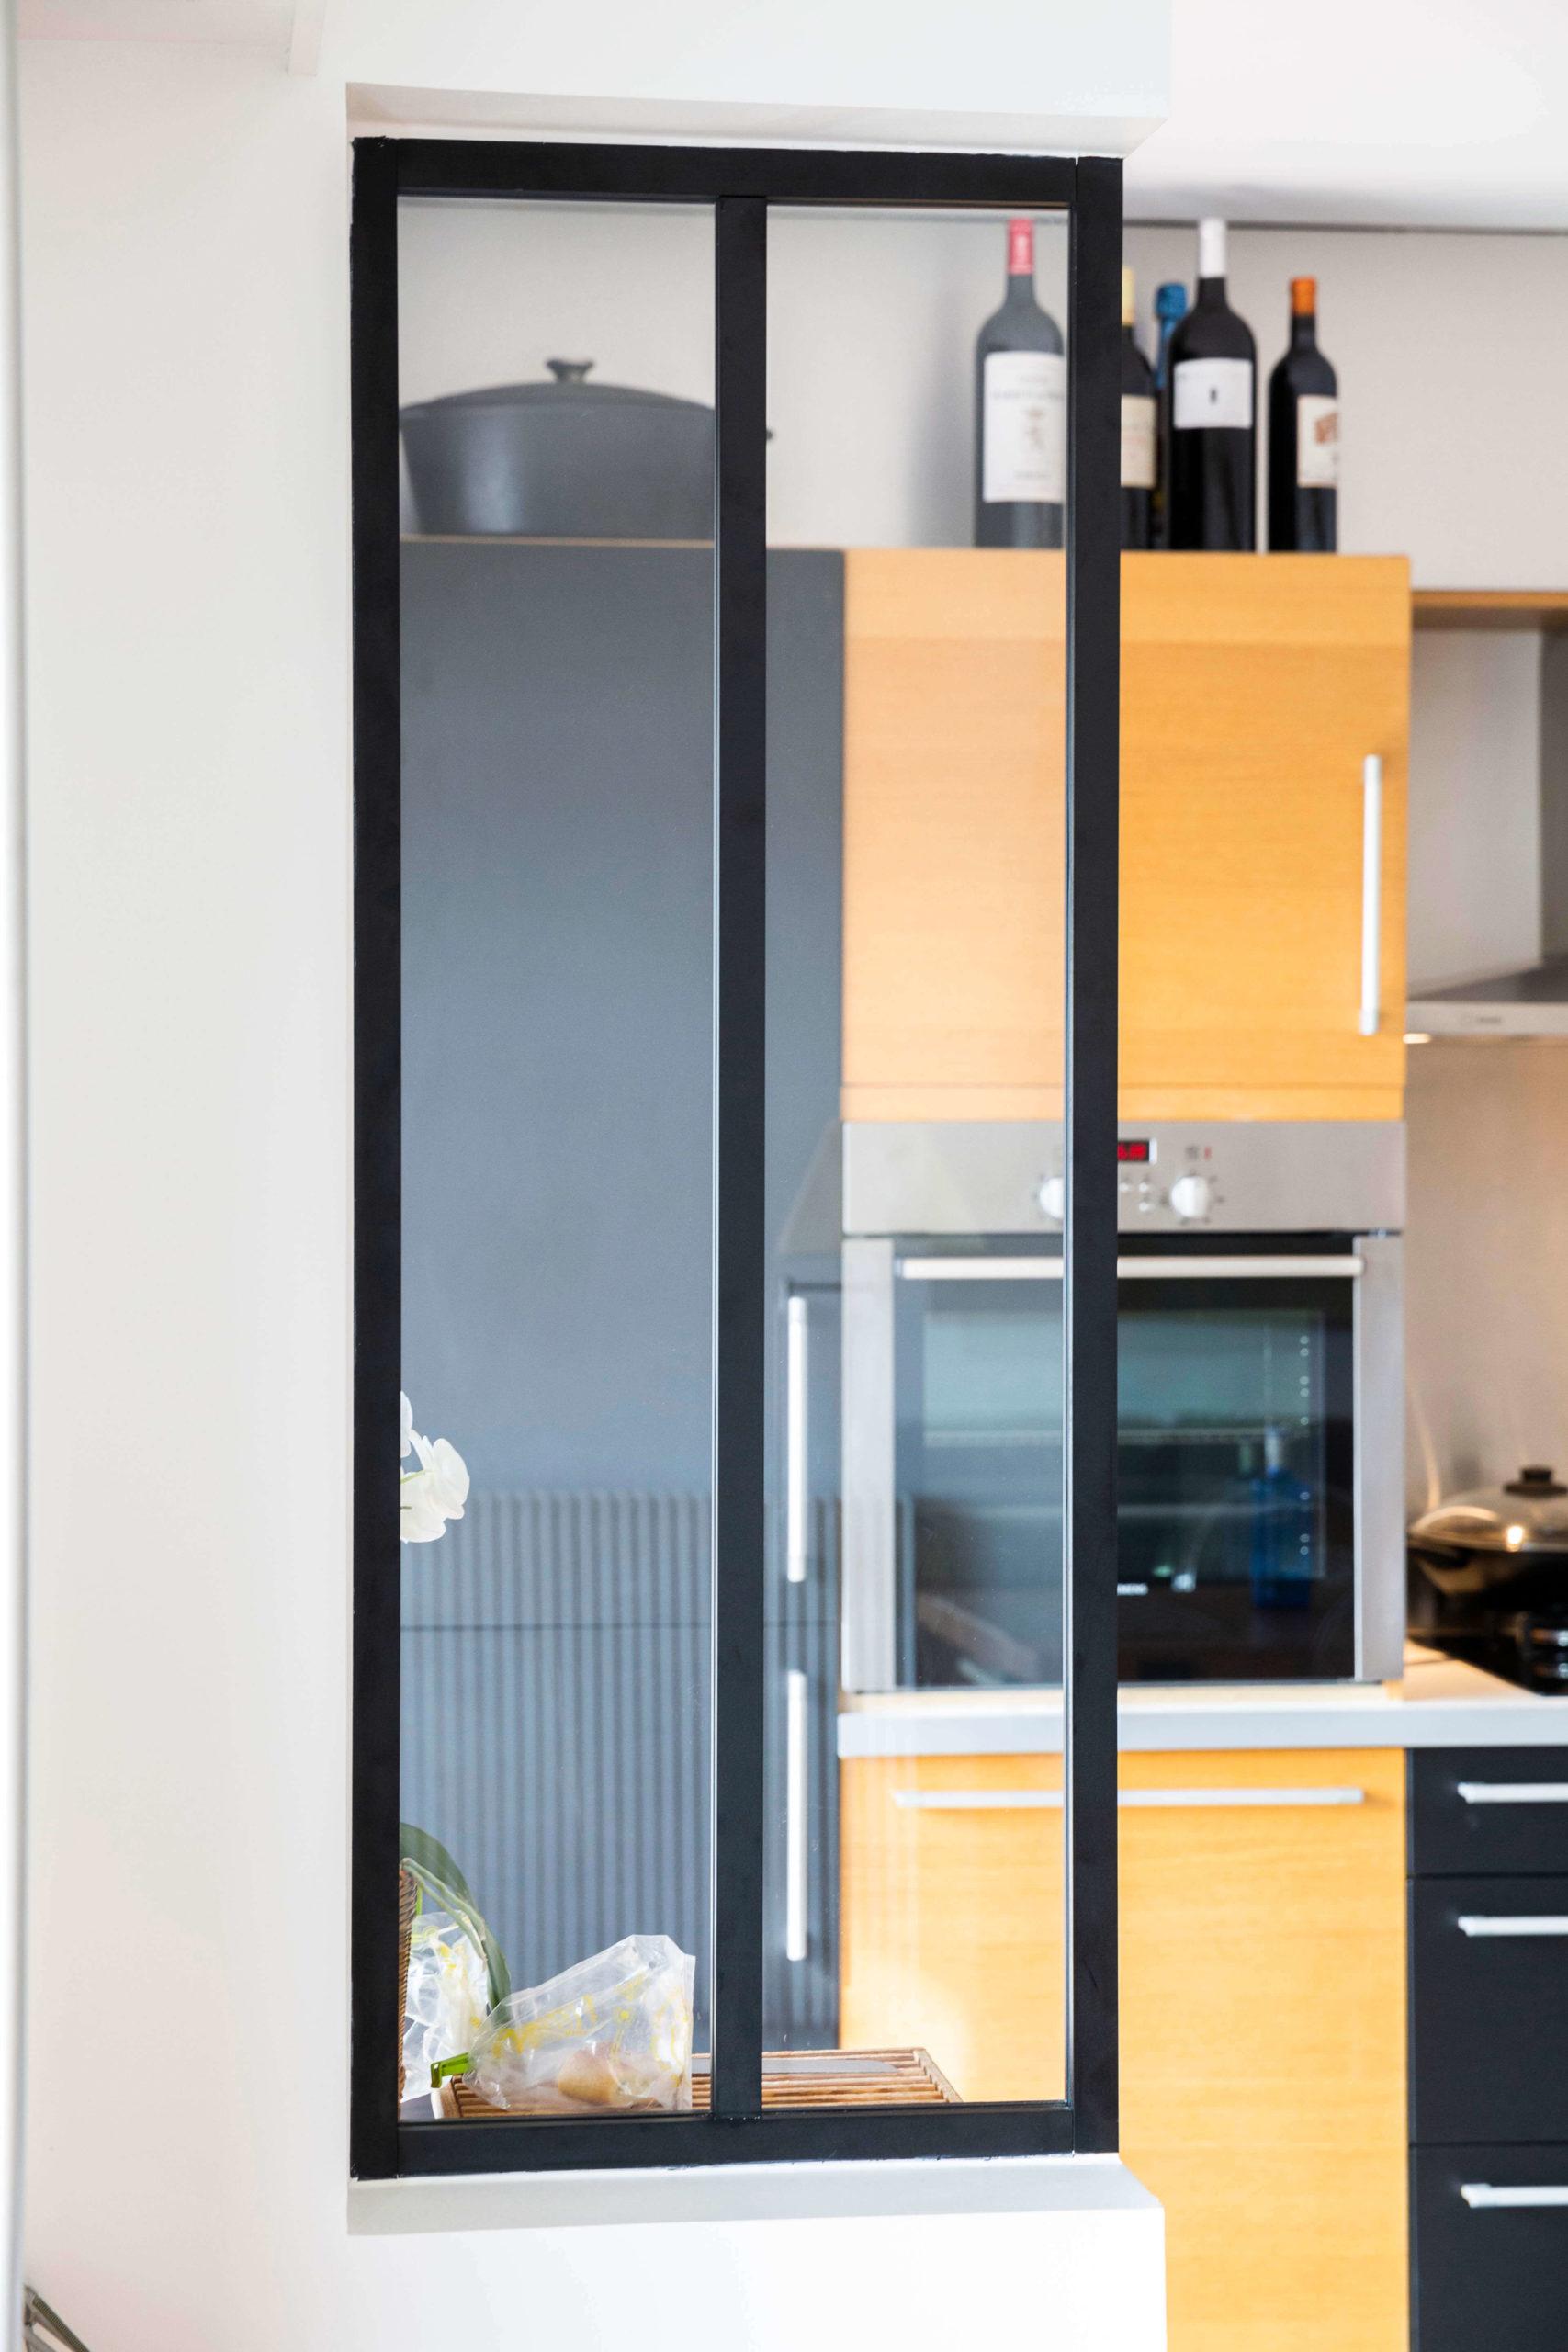 atelier-plurielles-architectures-reamenagement-appartement-biarritz-verrière